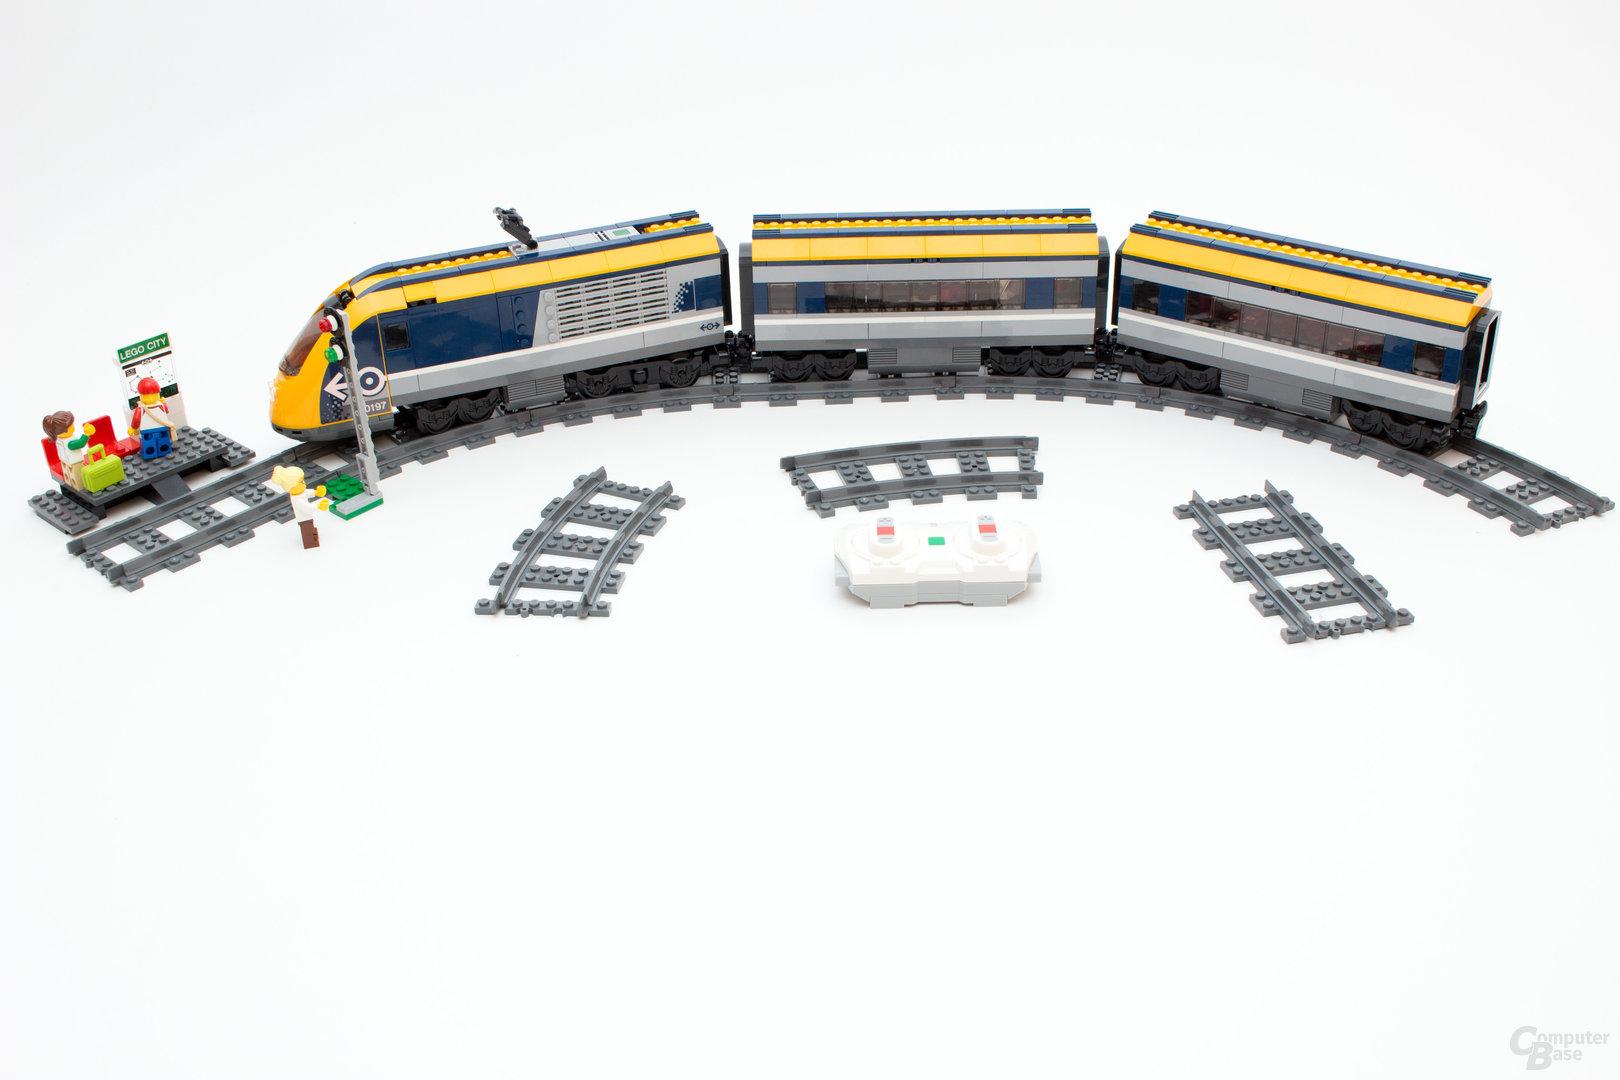 Der neue Personenzug 60197 von Lego samt neuen Power Functions